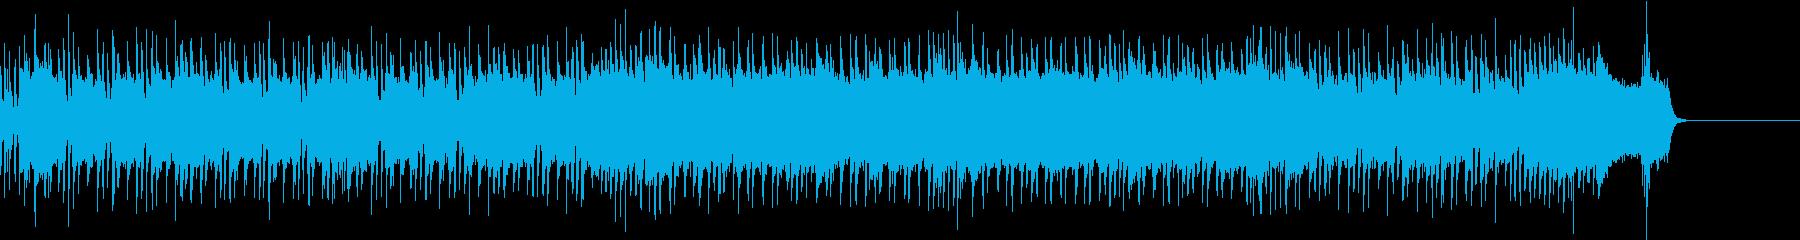 ギター/熱い/ロックBGM2の再生済みの波形